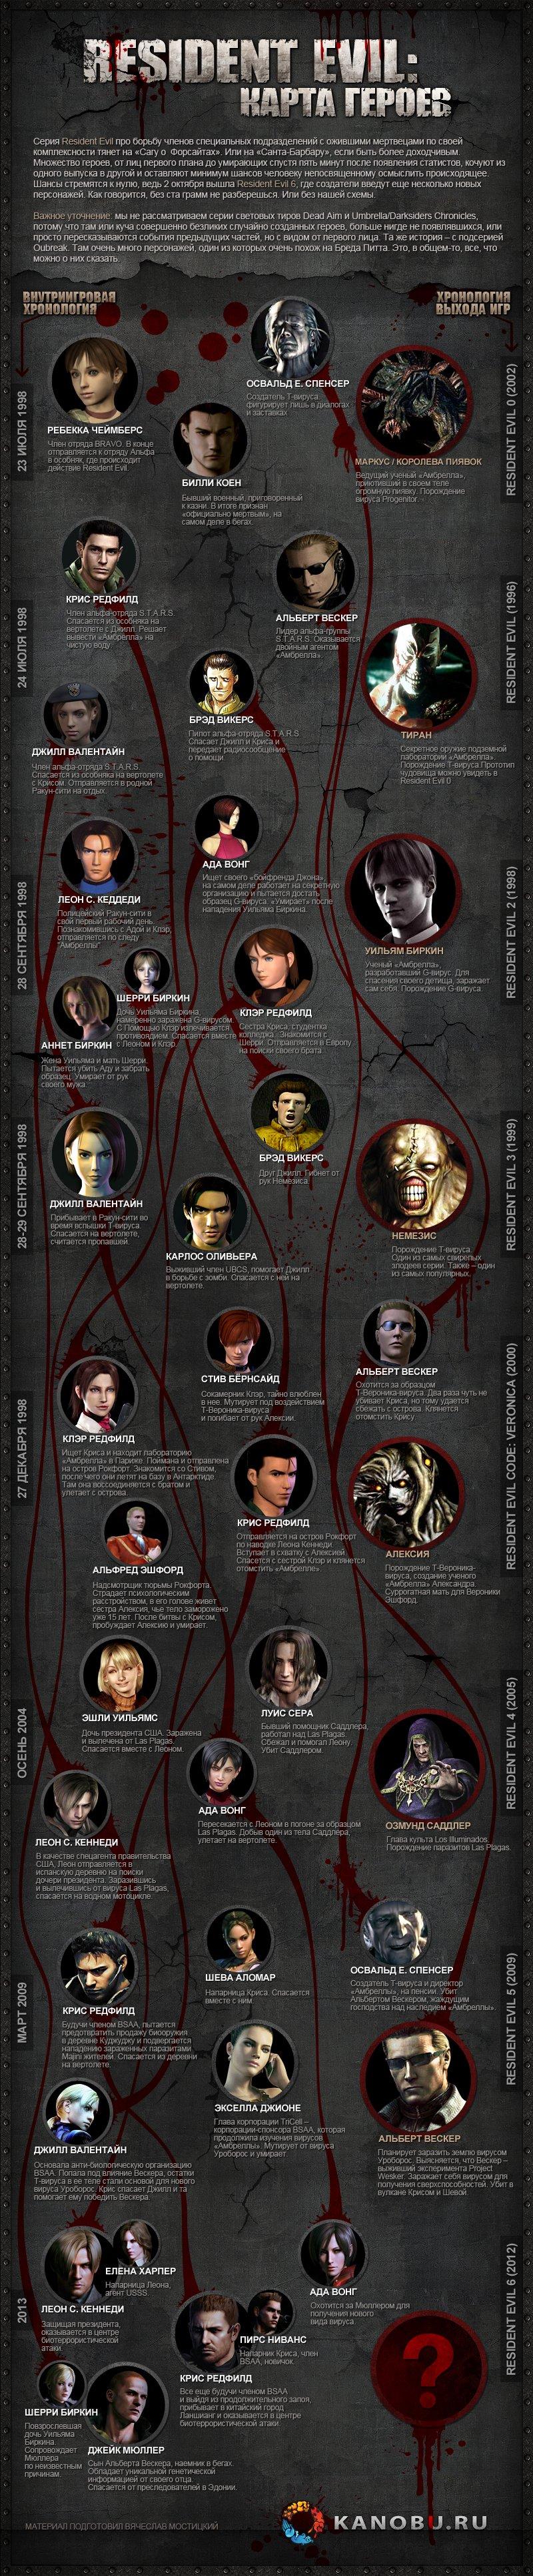 Лаборатория расходящихся тропок: карта героев Resident Evil | Канобу - Изображение 1